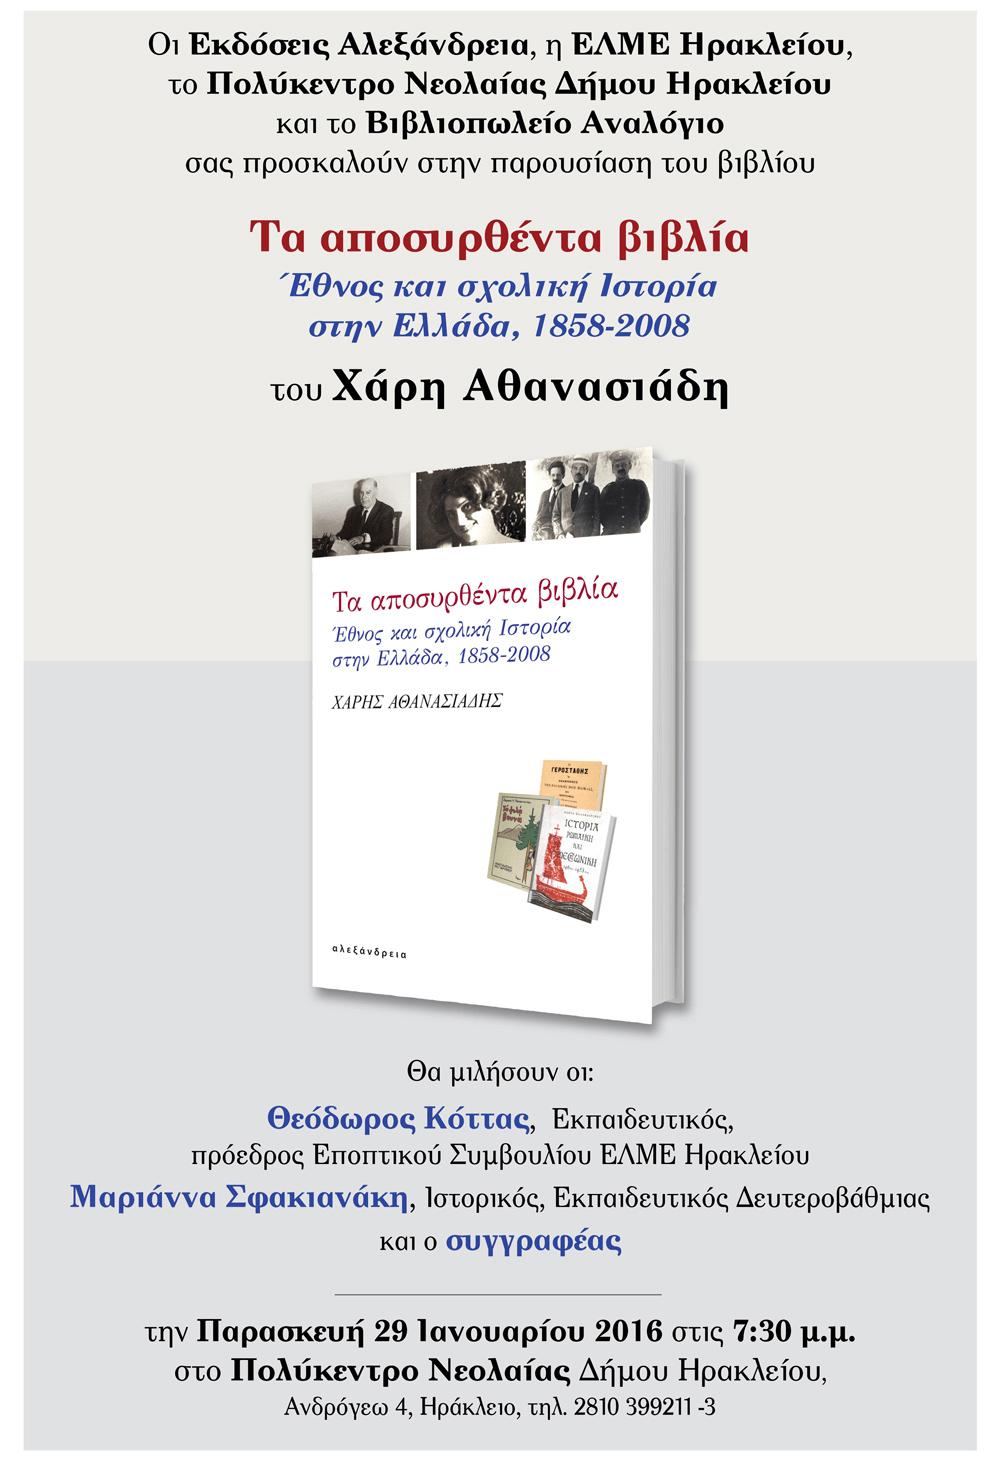 Παρουσίαση του βιβλίου του Χάρη Αθανασιάδη «Τα αποσυρθέντα βιβλία»